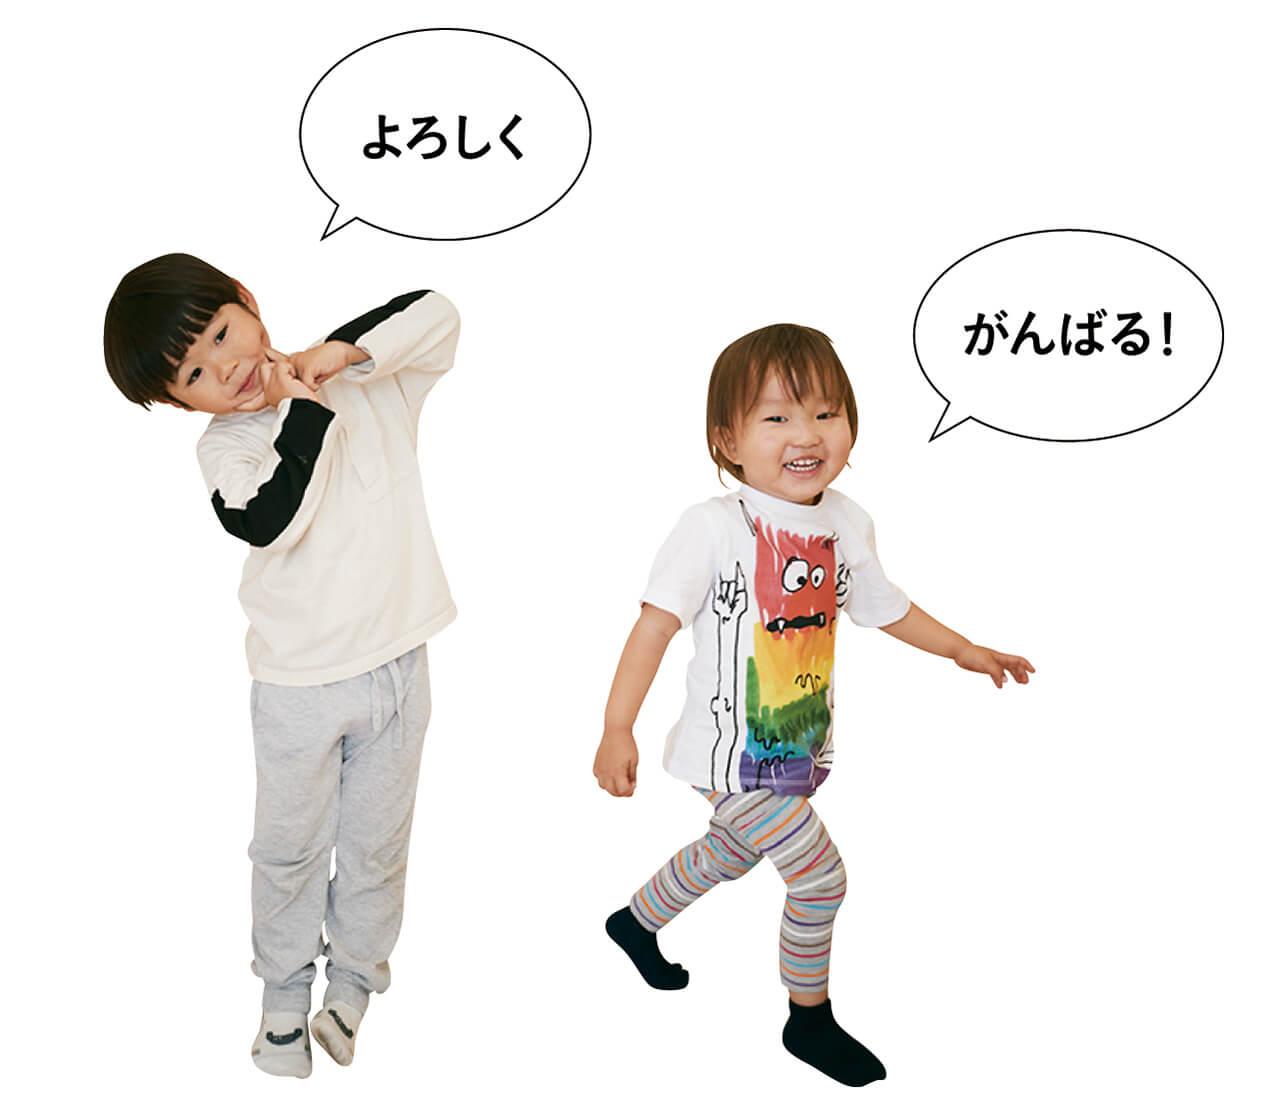 よろしく かいとくん (3歳8カ月) がんばる! けんとくん(2歳8カ月)